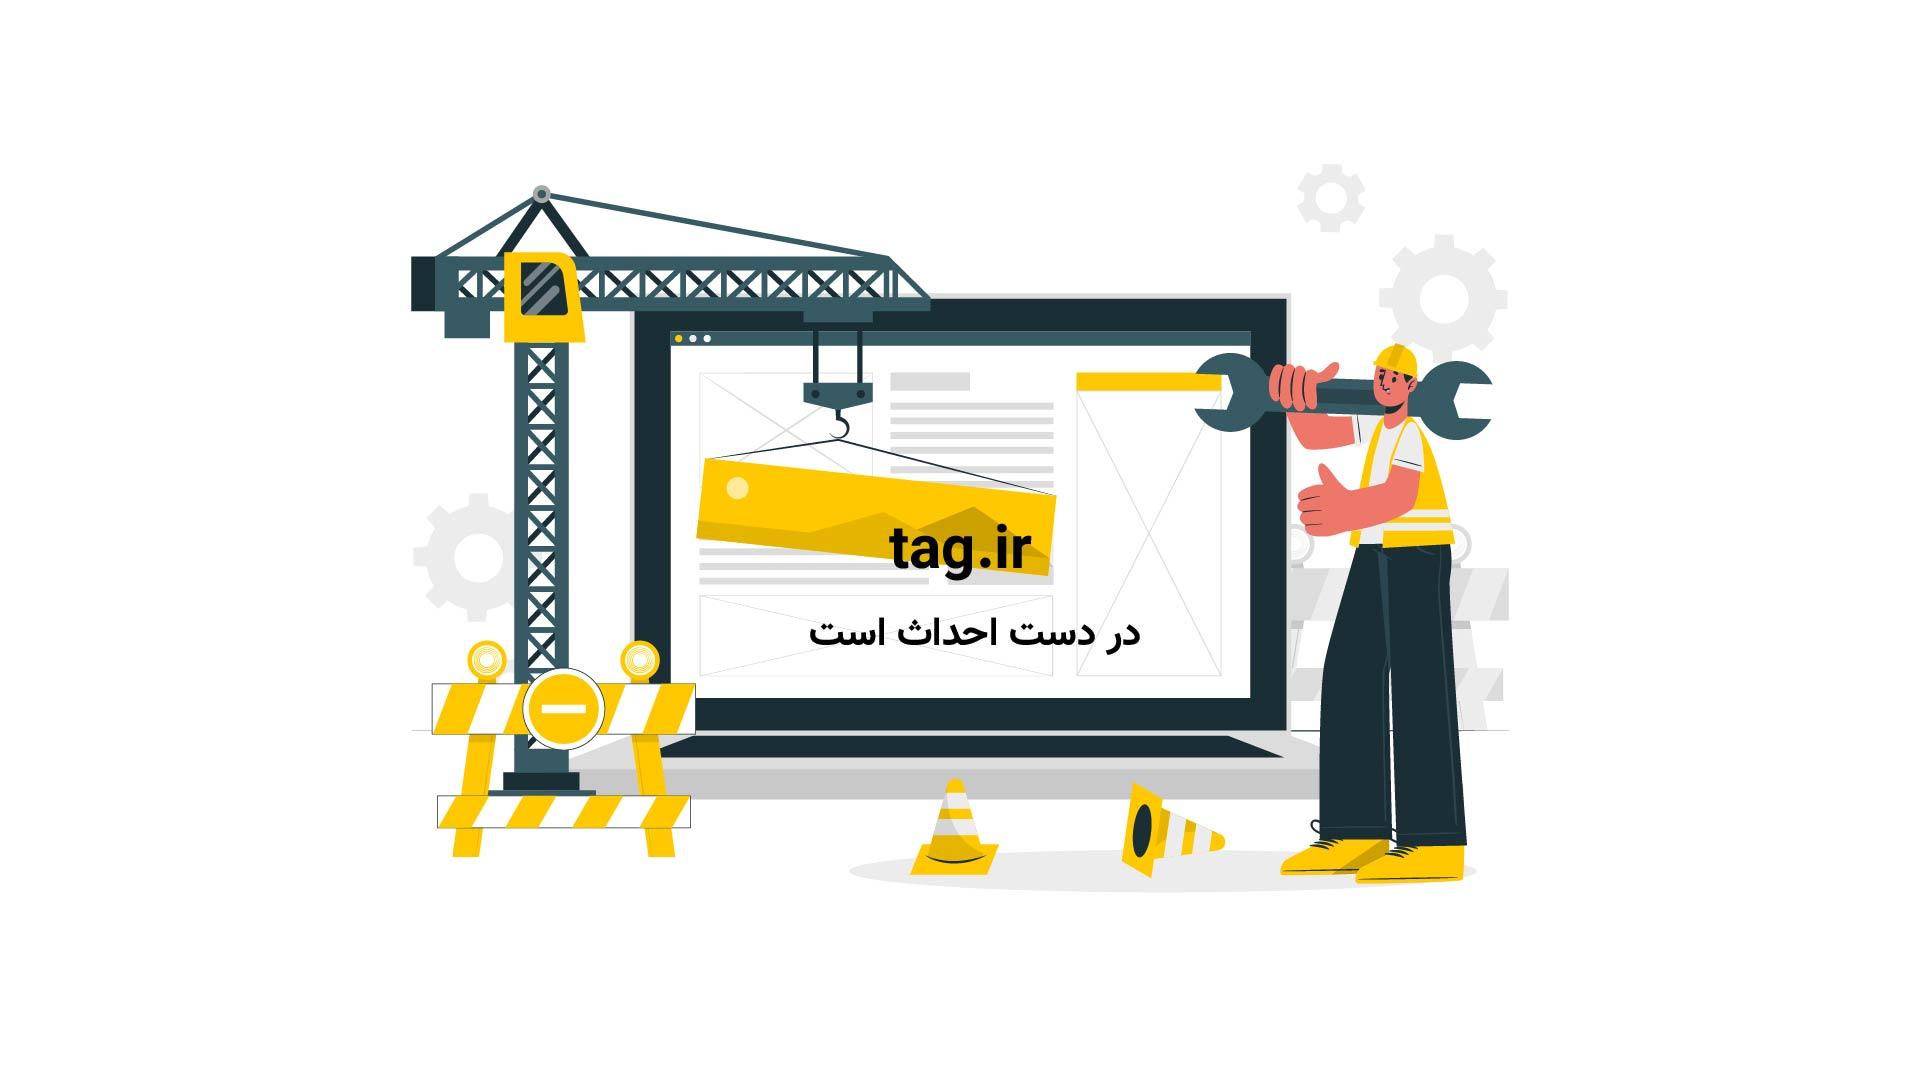 آموزش رسم سه بعدی درخت خشکیده بر روی کاغذ | فیلم